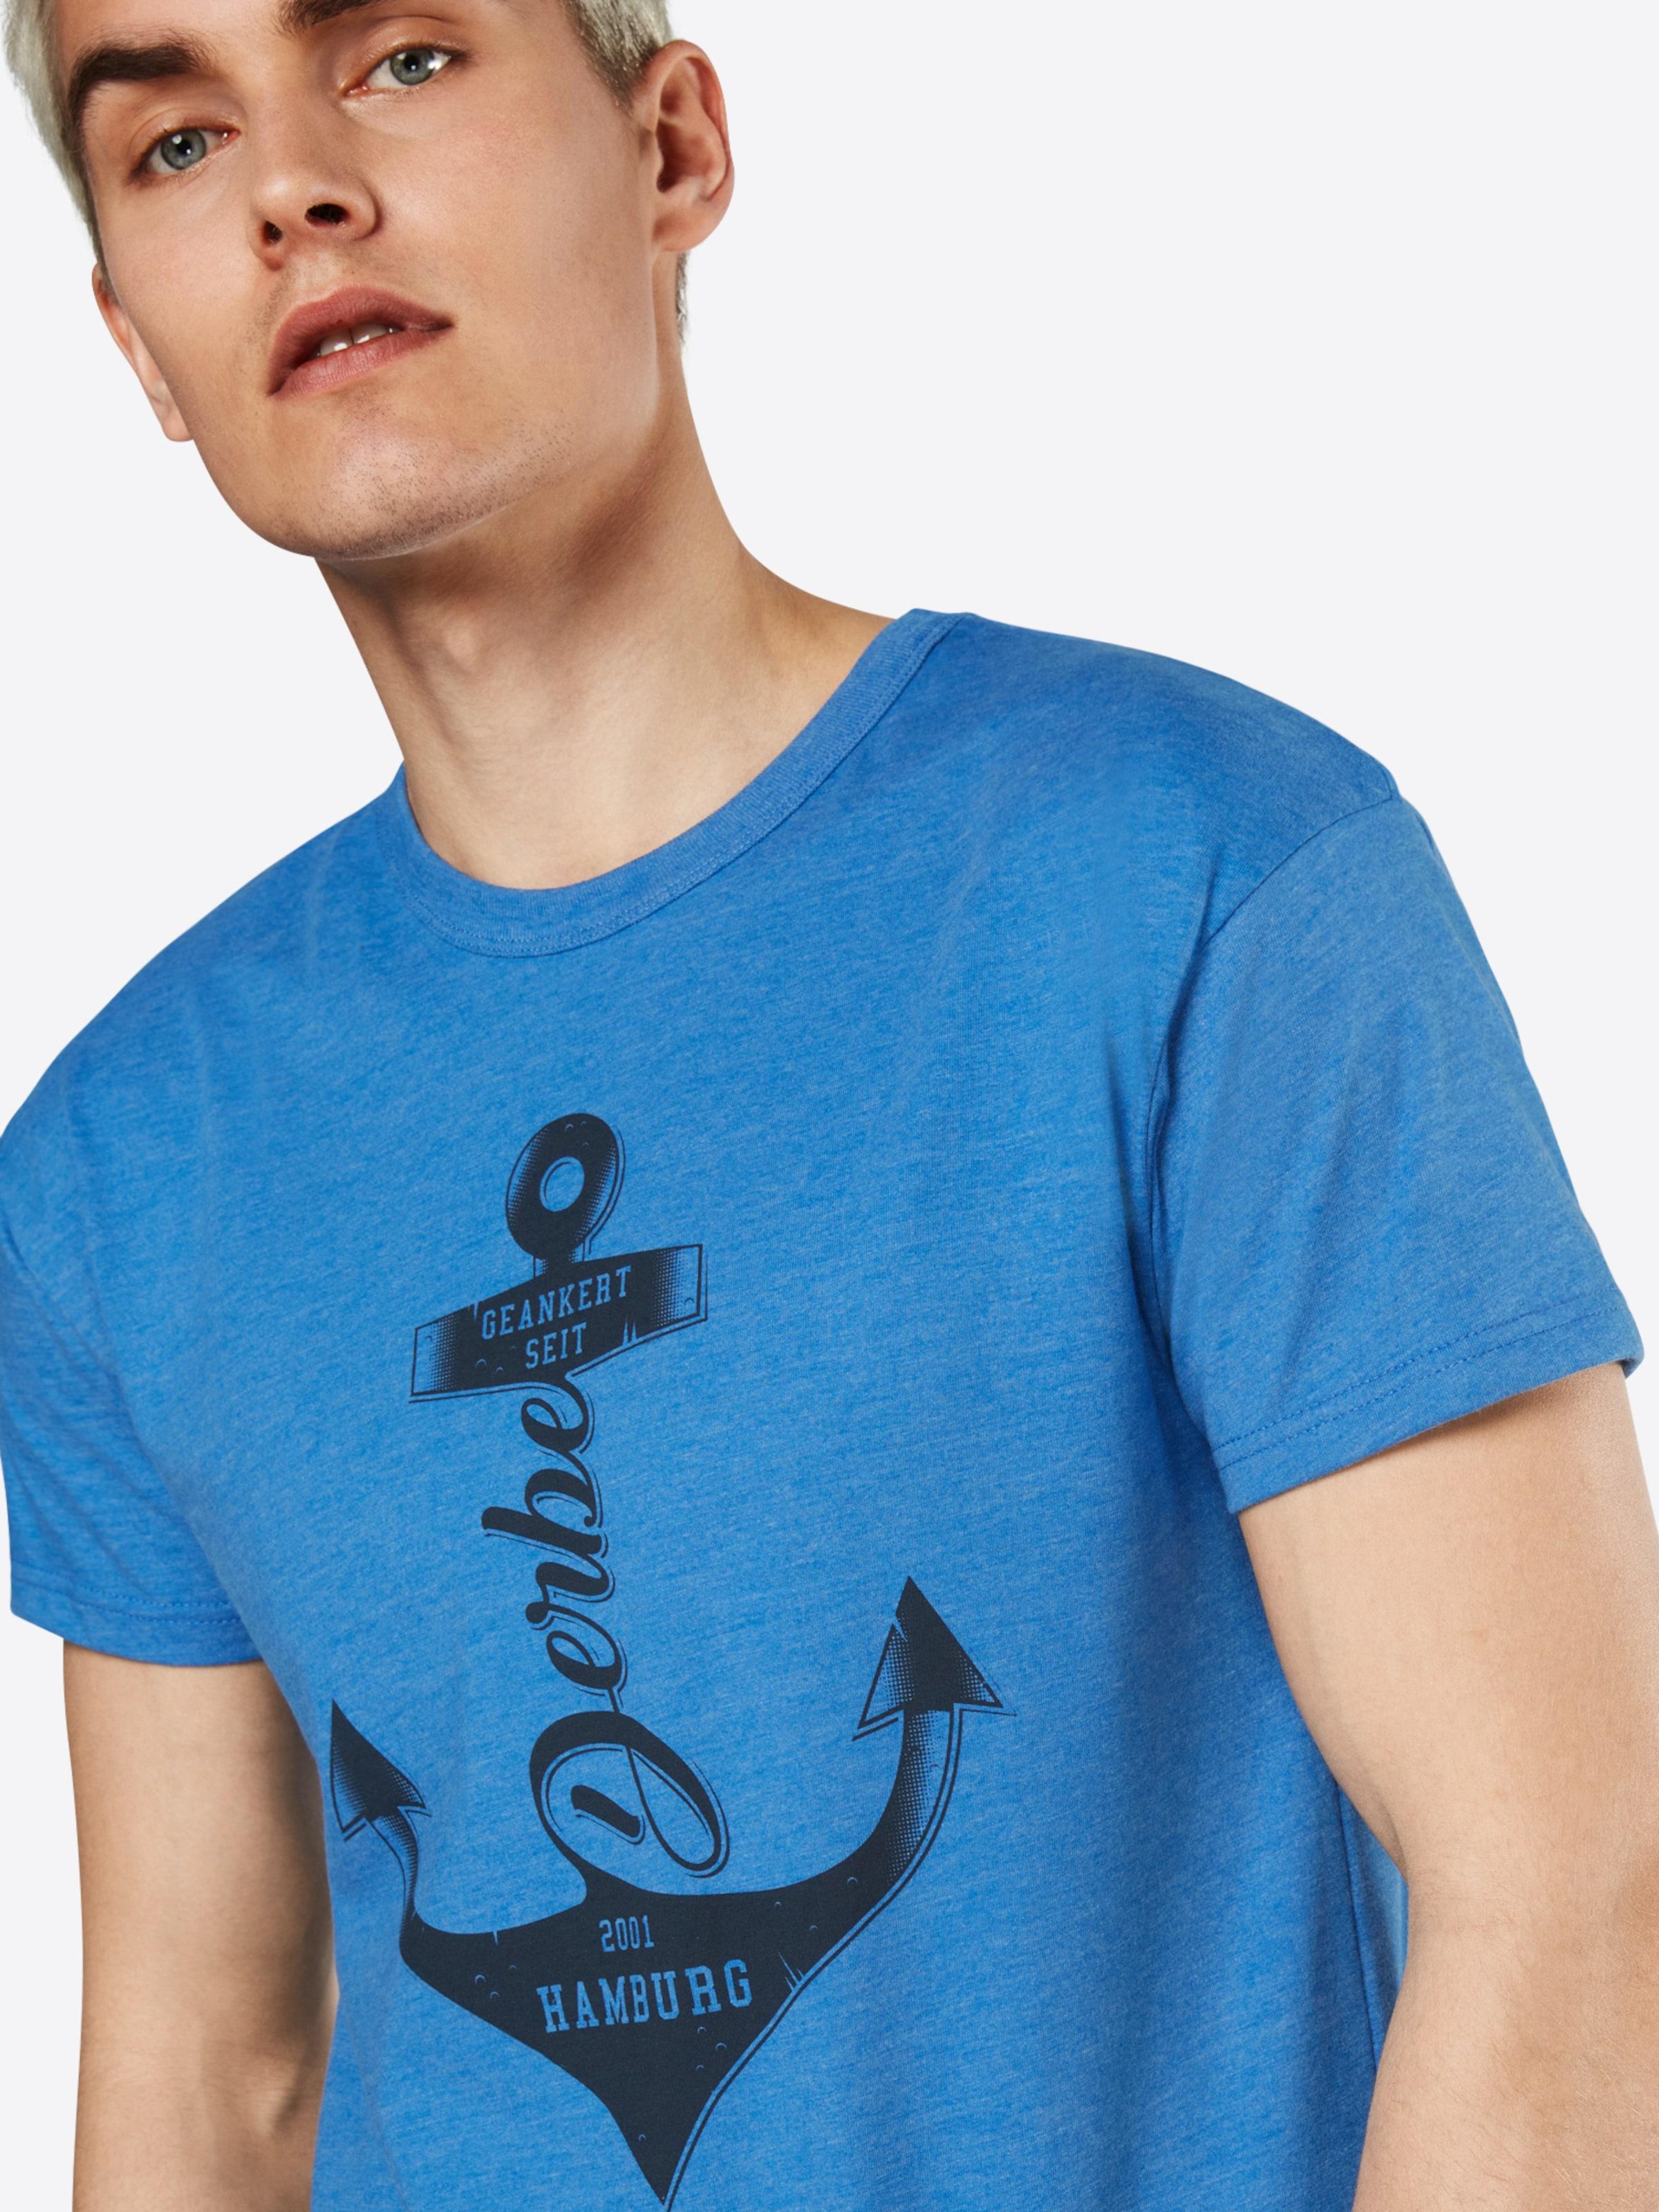 Derbe Shirt 'Geankert 2001' Freies Verschiffen Neue Stile 2nn9zMTG